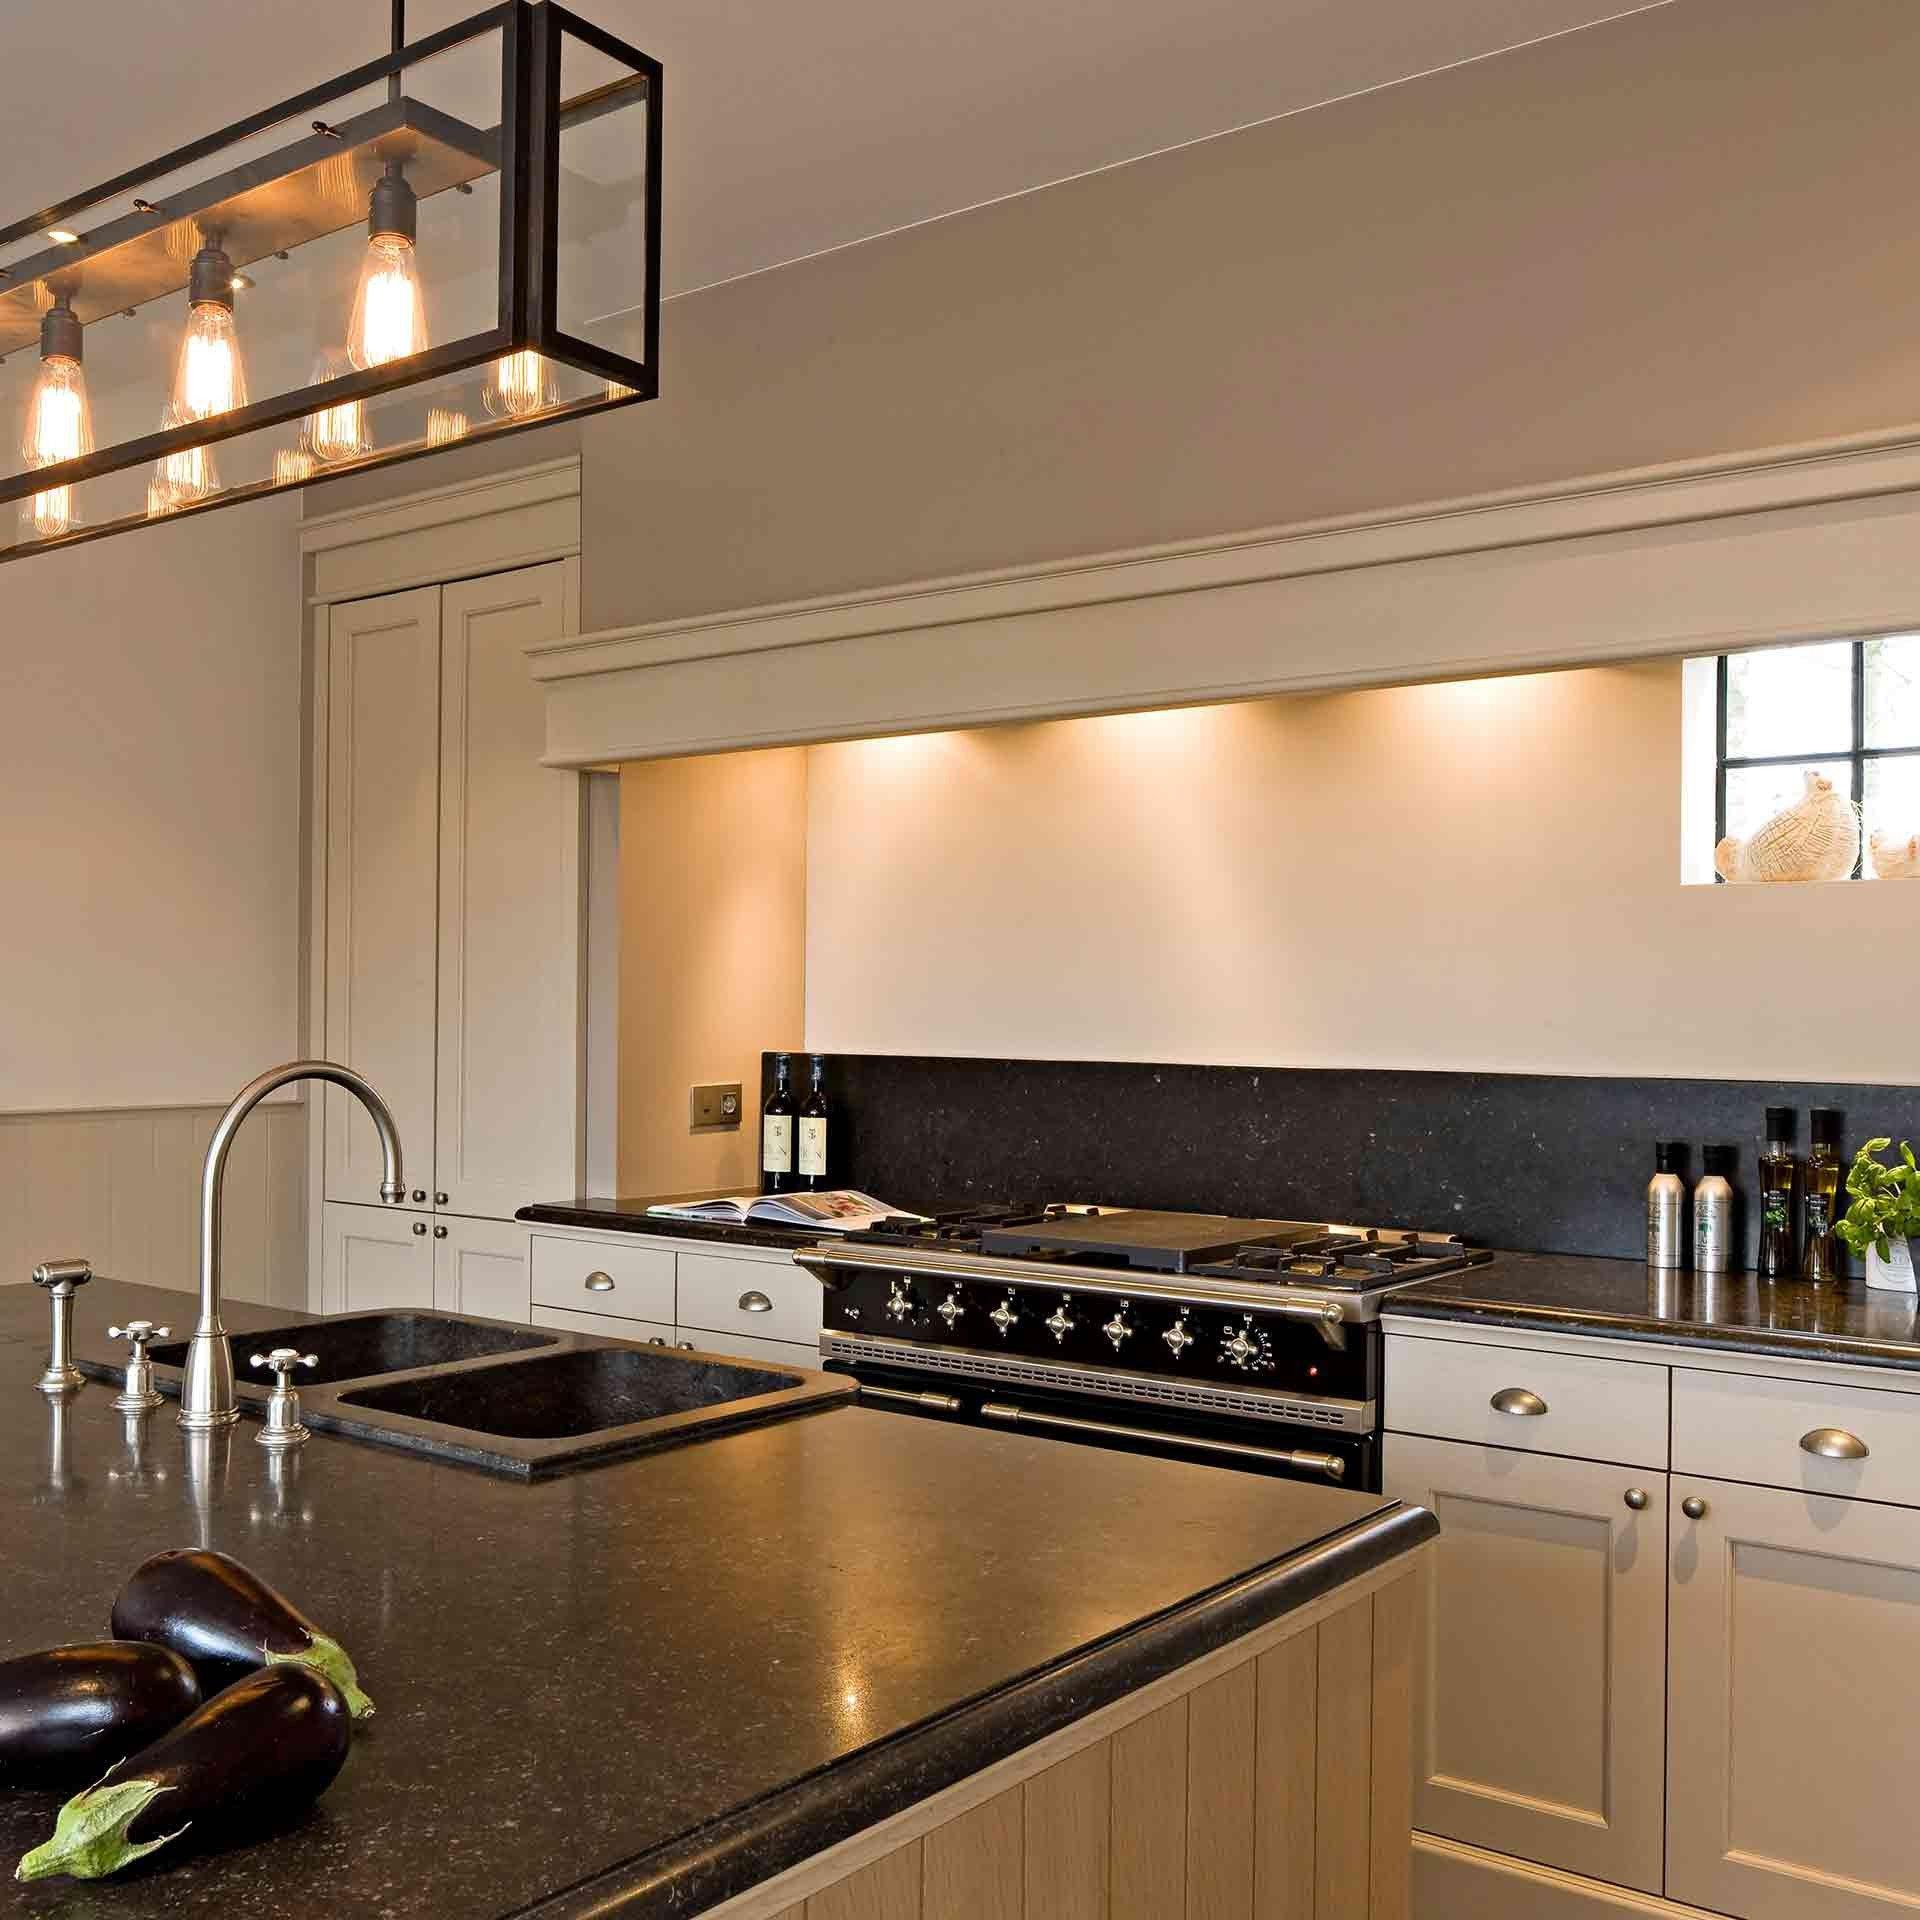 landelijke-keuken-kensington-blauwe-hardsteen-2.jpg